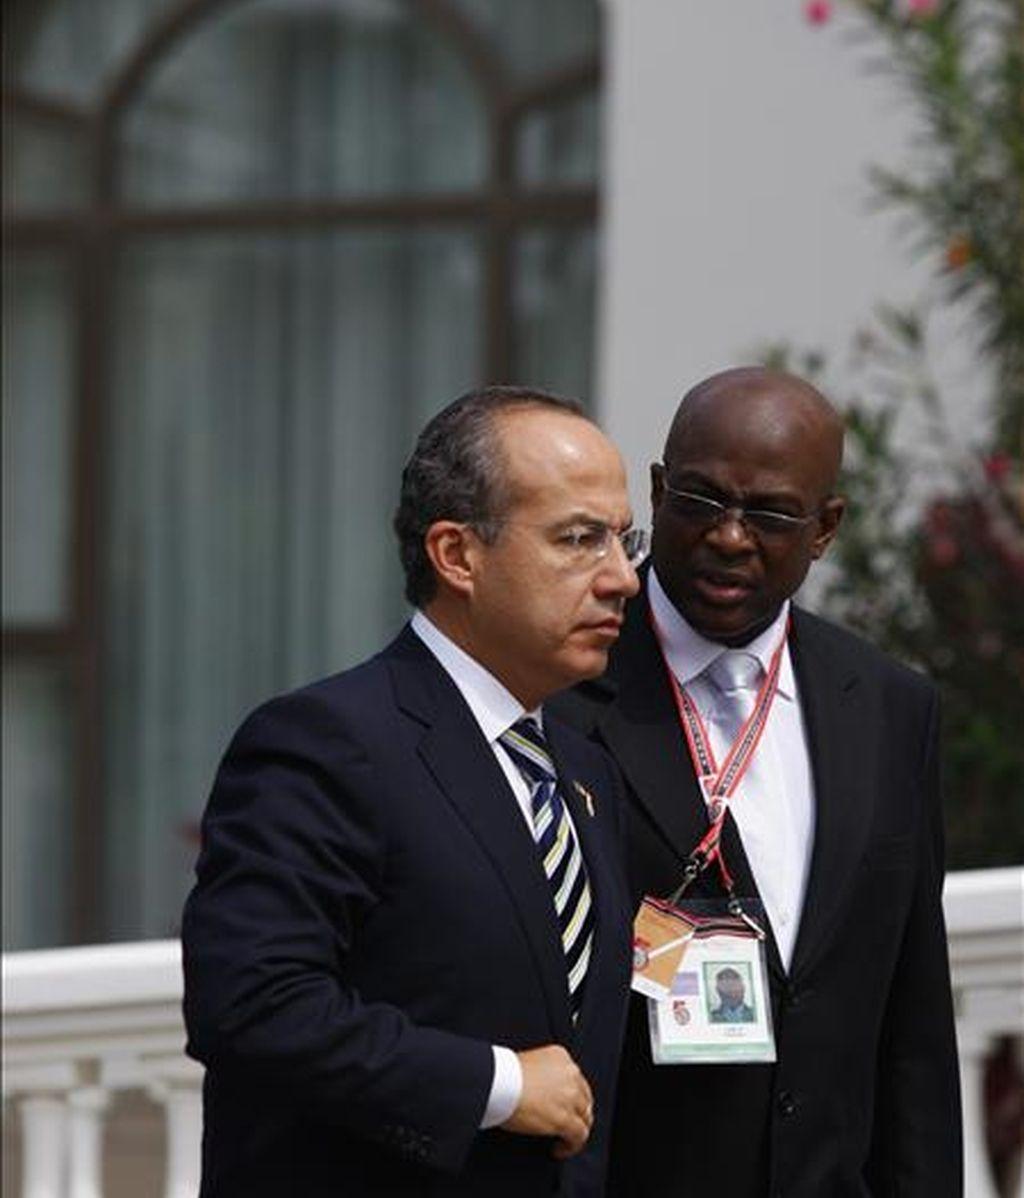 El presidente de México, Felipe Calderón, a su llegada, este 19 de abril, a la residencia del primer ministro de Trinidad y Tobago, Patrick Manning, poco antes de la ceremonia de clausura de la V Cumbre de las Americas. EFE